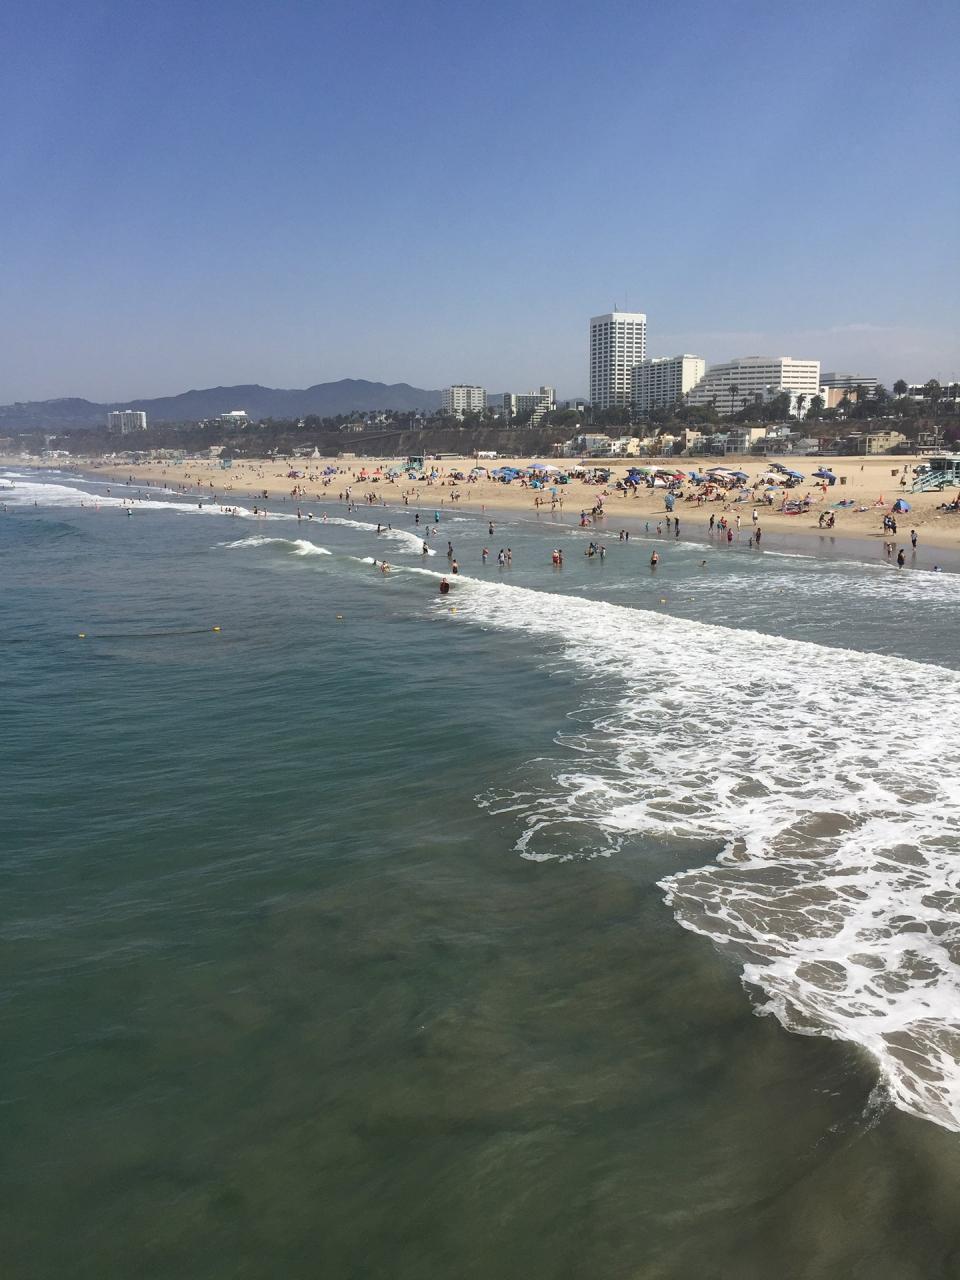 サンタモニカで街歩きとポケモンgo』ロサンゼルス(アメリカ)の旅行記